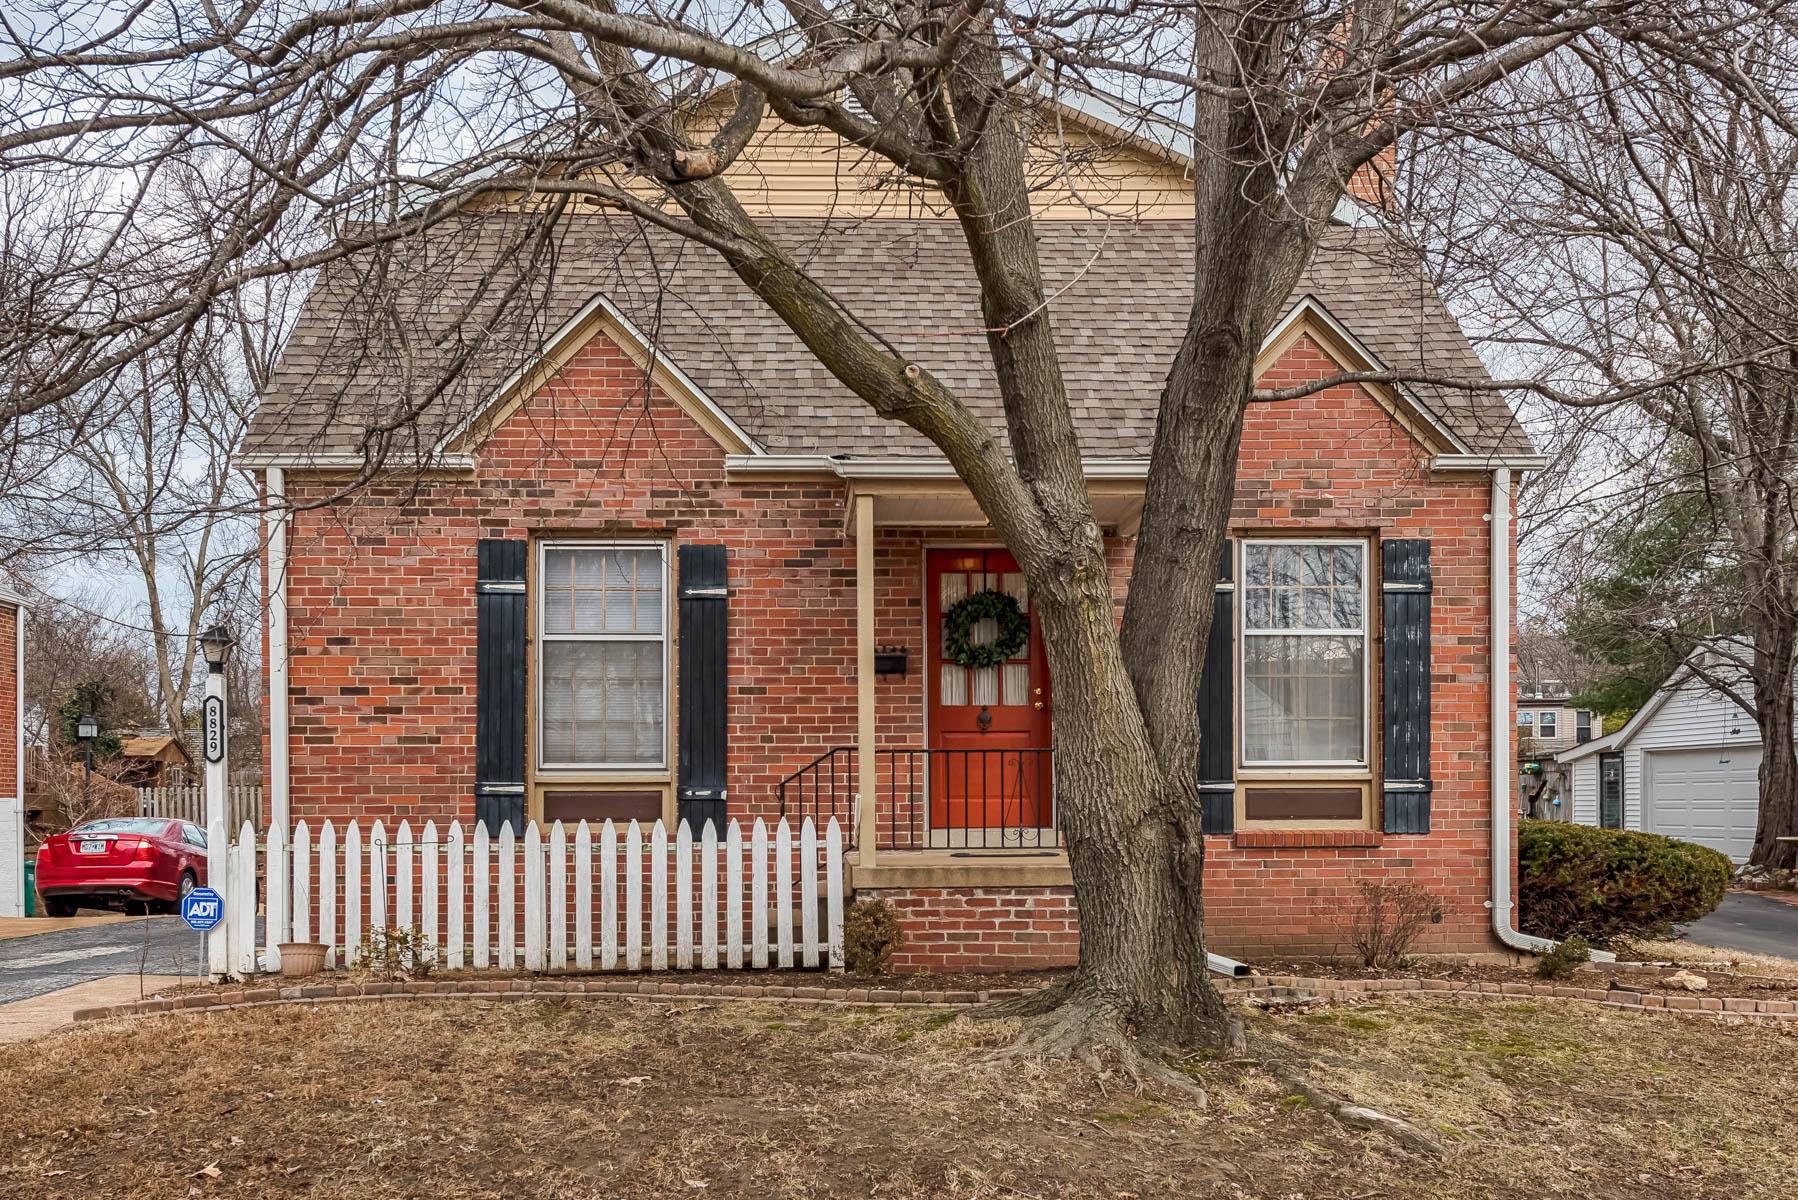 Maison unifamiliale pour l Vente à 8829 Bridgeport Ave Brentwood, Missouri, 63144 États-Unis